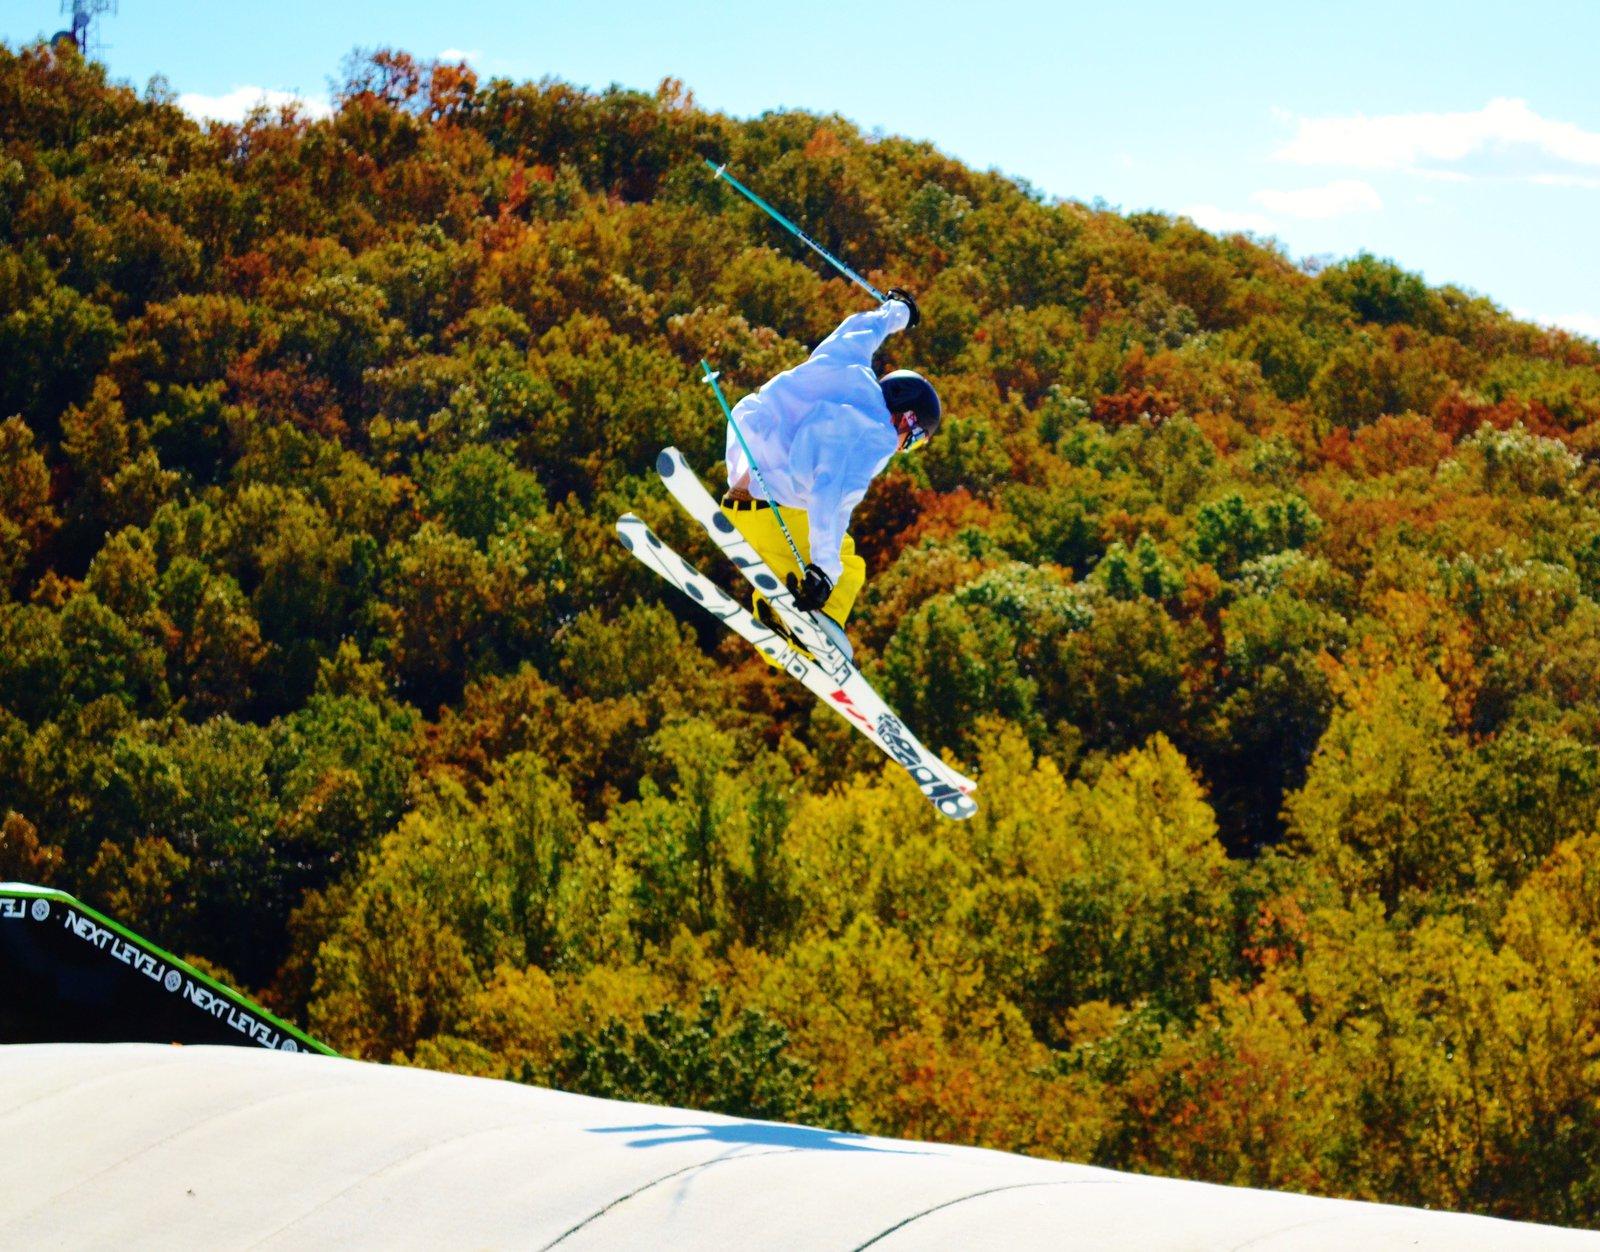 Nice fall day at Liberty Snowflex